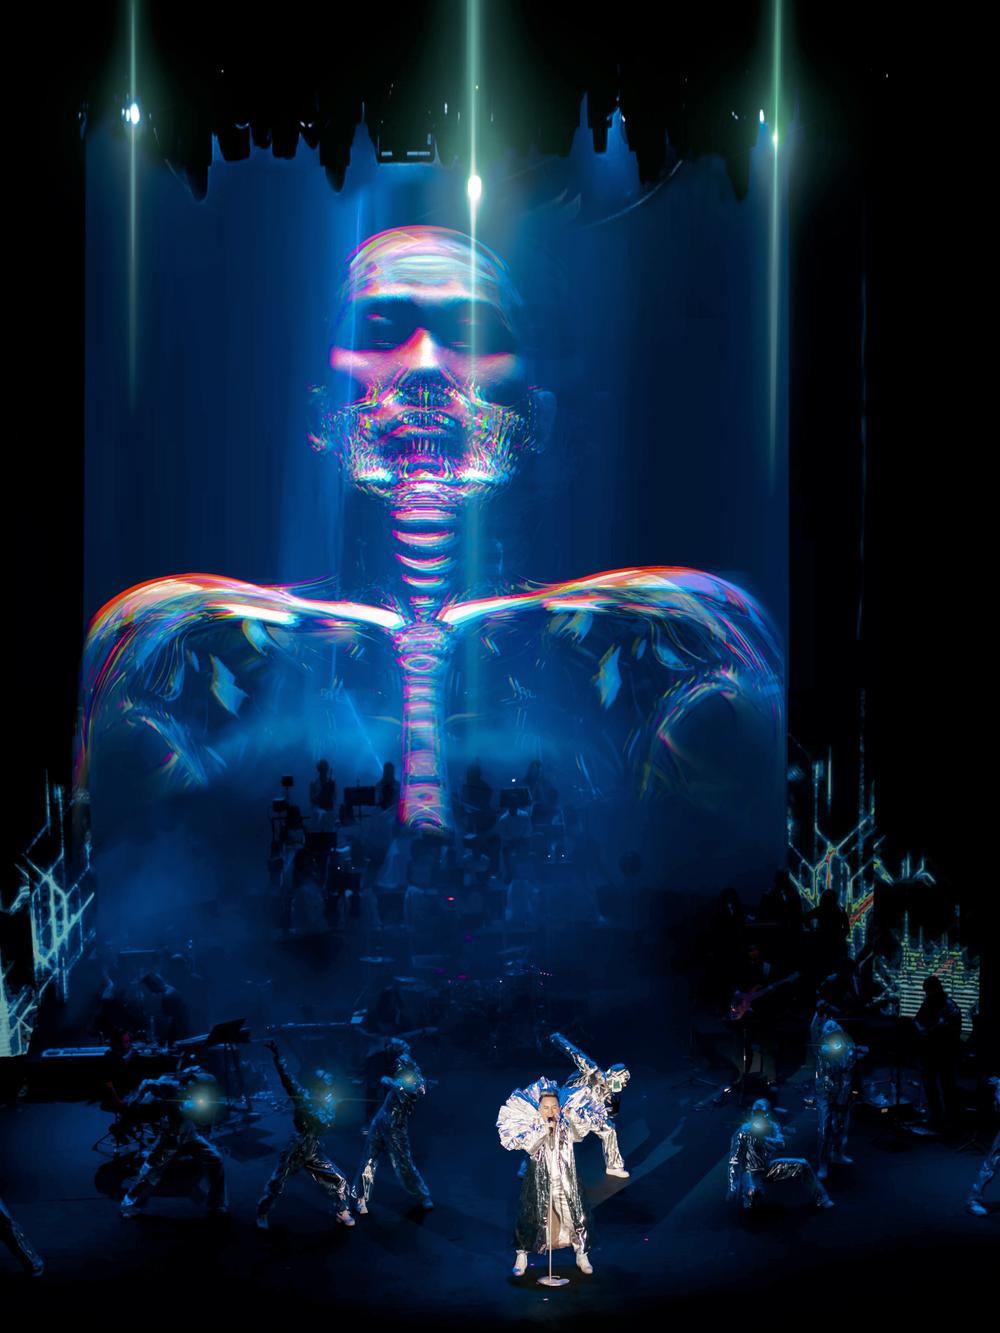 NTK tiết lộ mất 6 tháng để làm hình ảnh 'quái' cho concert của Tùng Dương Ảnh 2